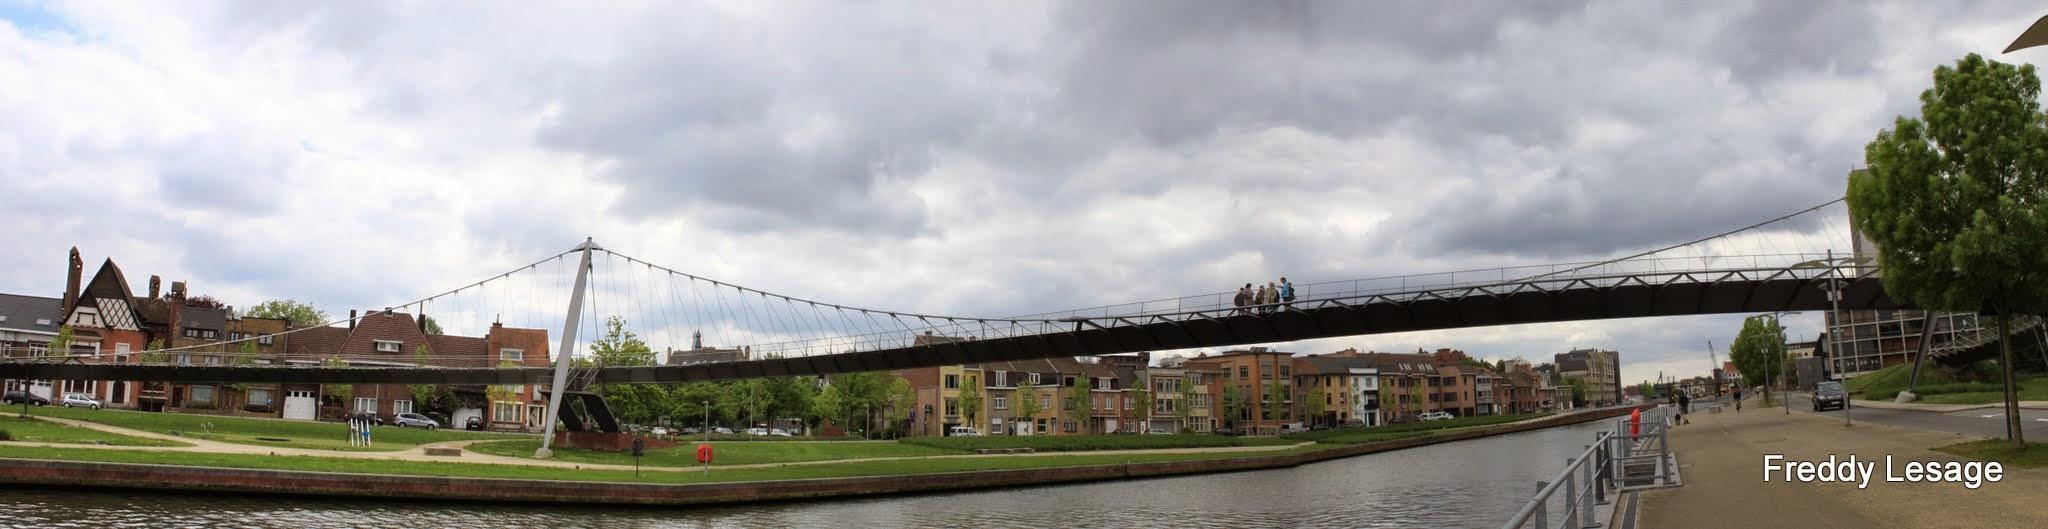 Photo: De slingerbrug over de Leie, voor wandelaars en fietsers, is een van de mooiste bruggen en het symbool van deze stadsvernieuwing